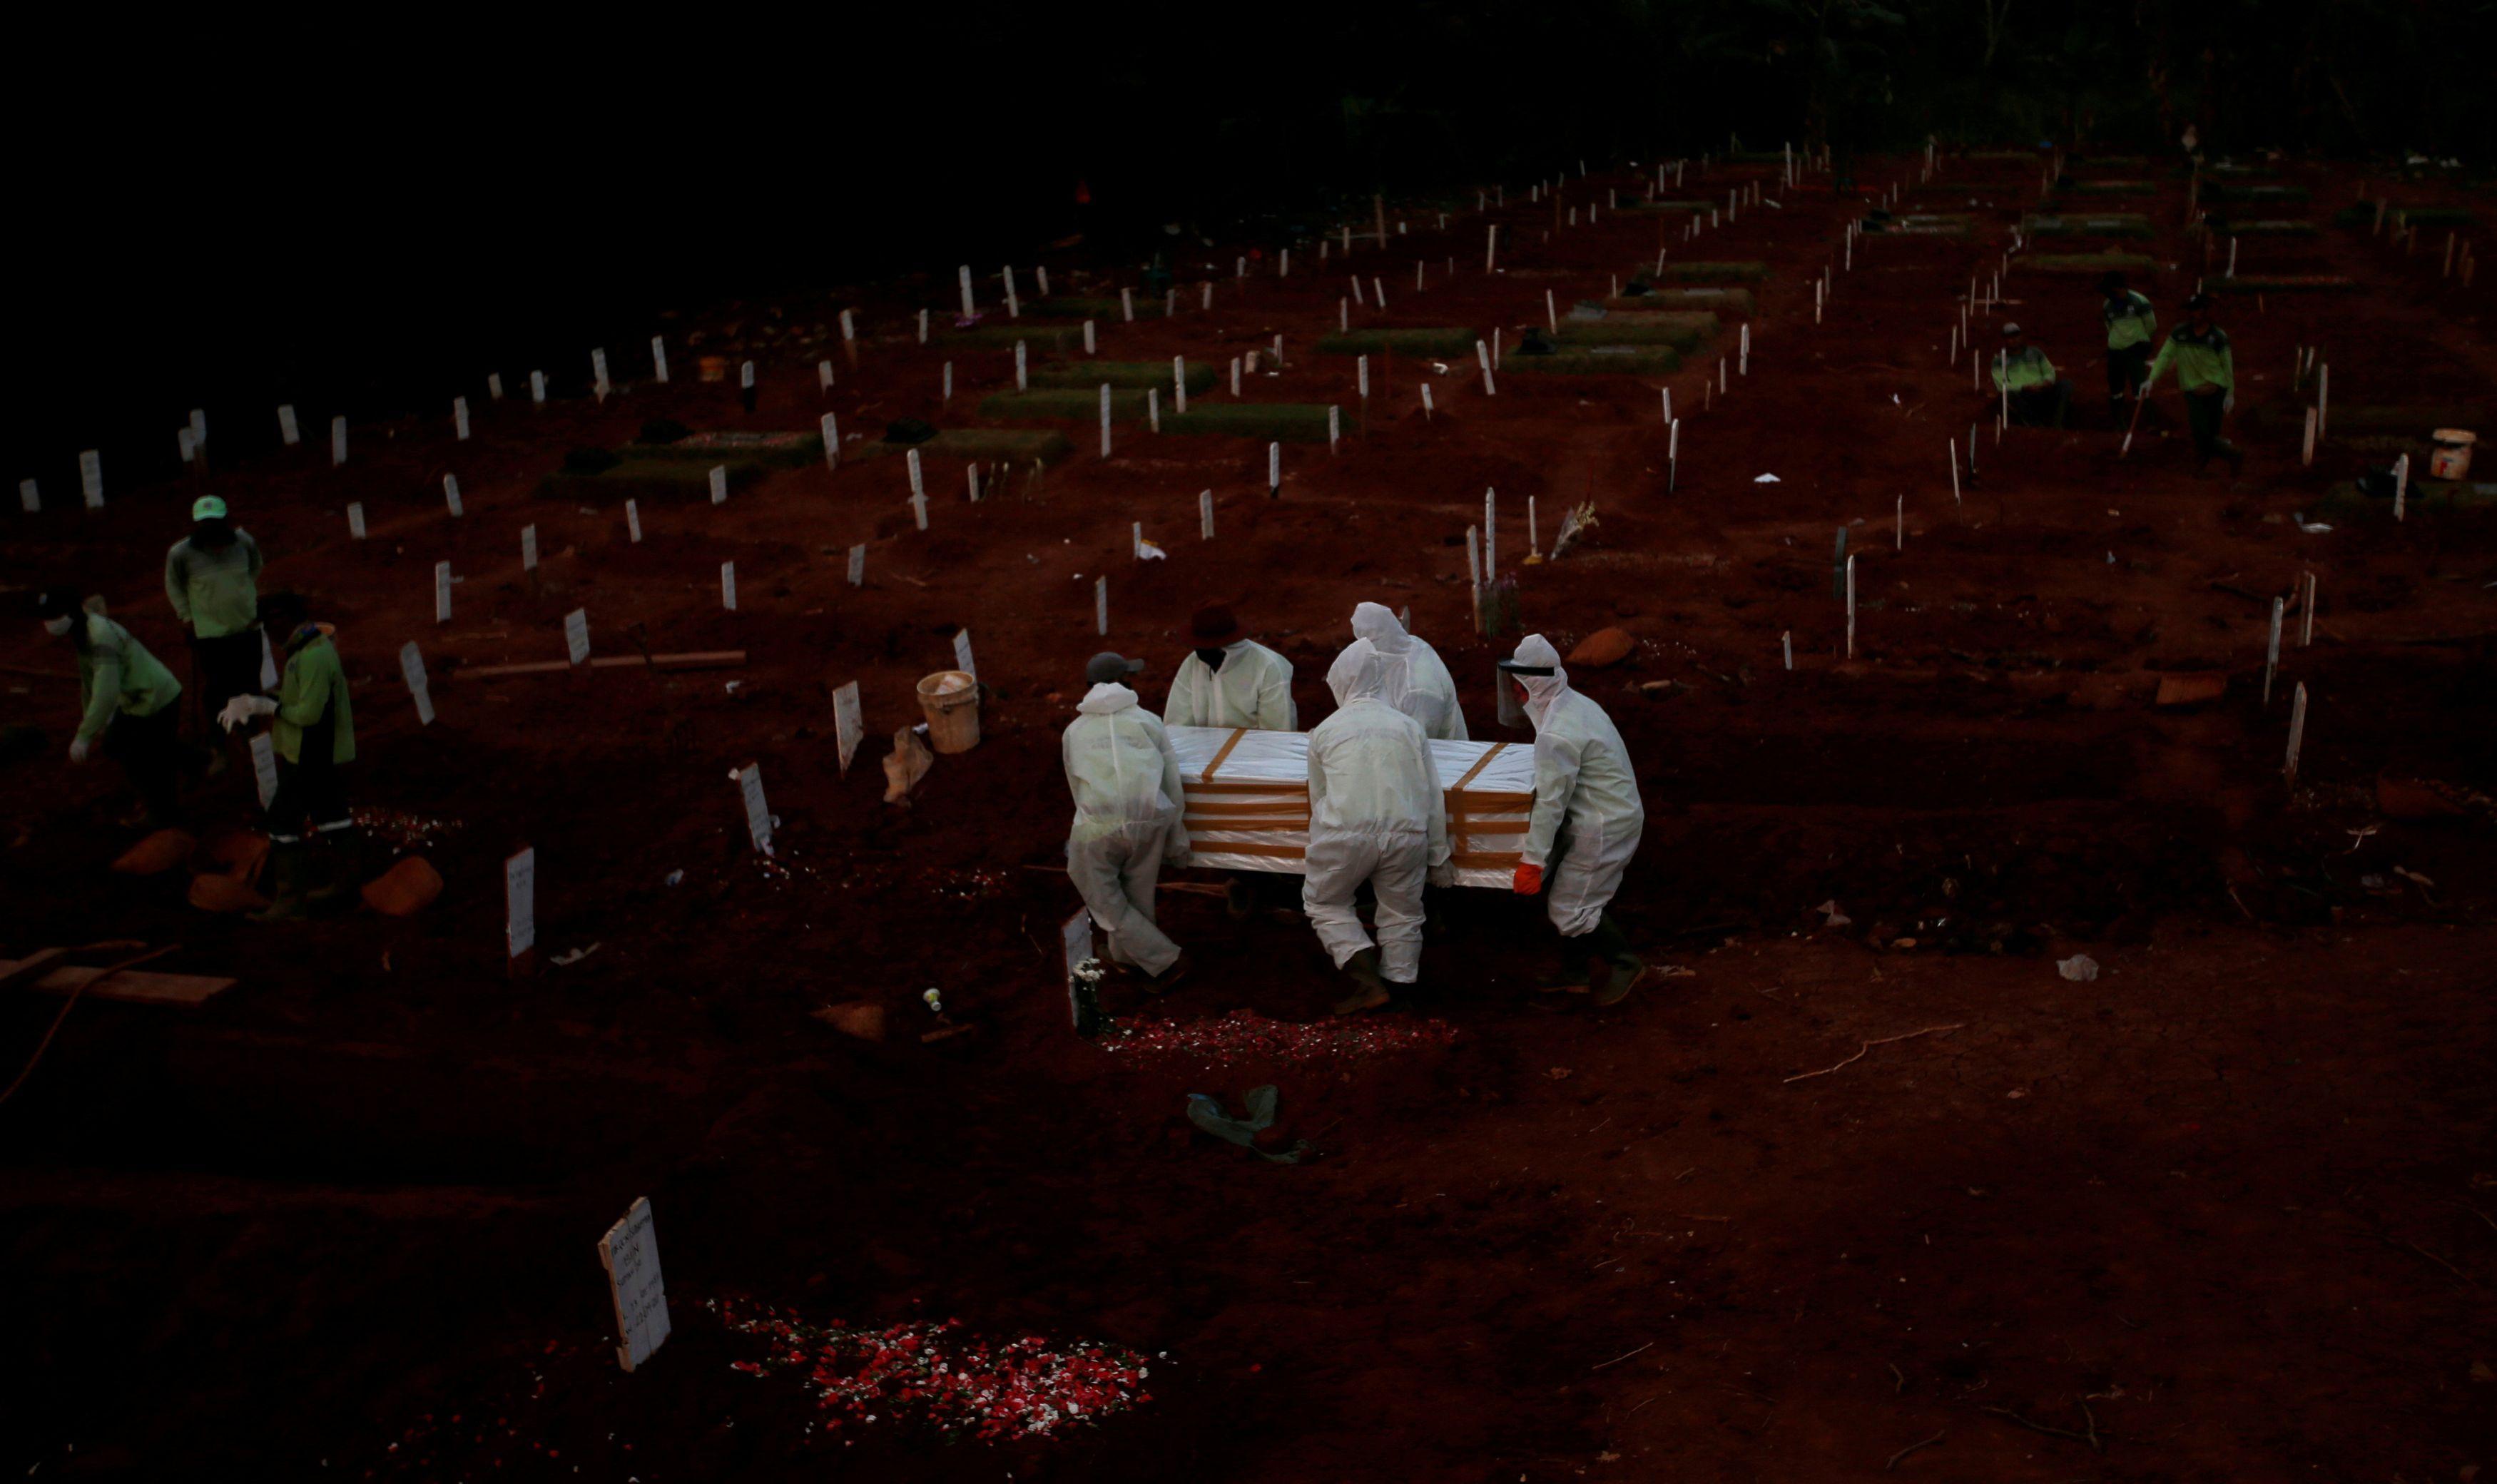 インドネシアのジャカルタで、墓地に埋葬される新型コロナ感染症の犠牲者=22日(ロイター=共同)